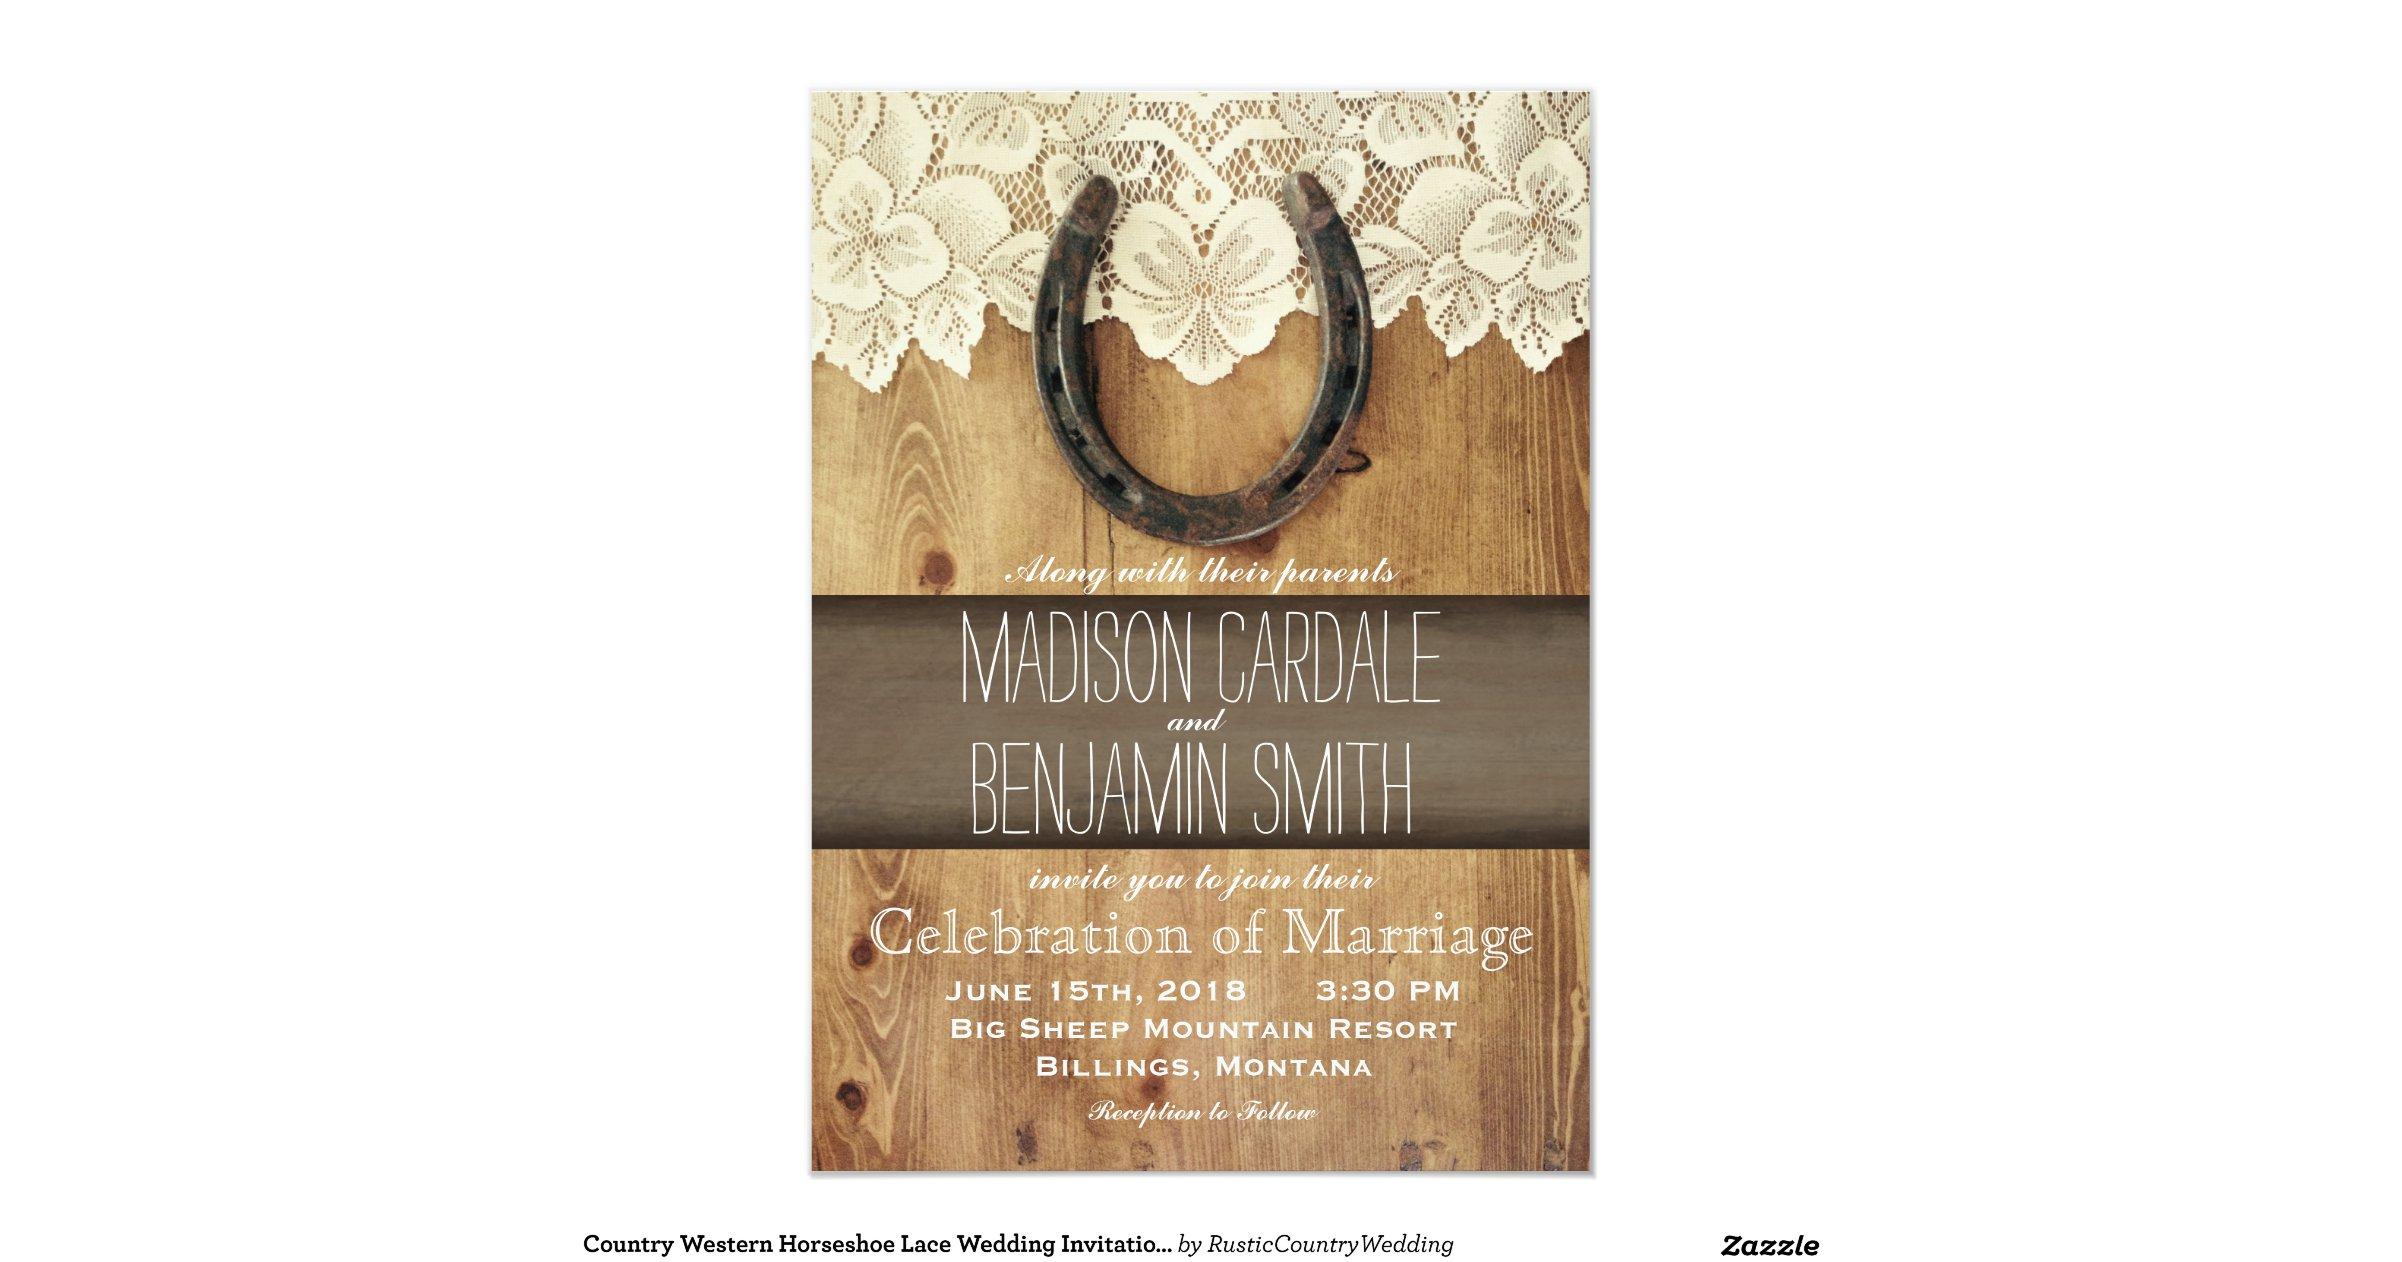 Western Wedding Invites: Country_western_horseshoe_lace_wedding_invitations